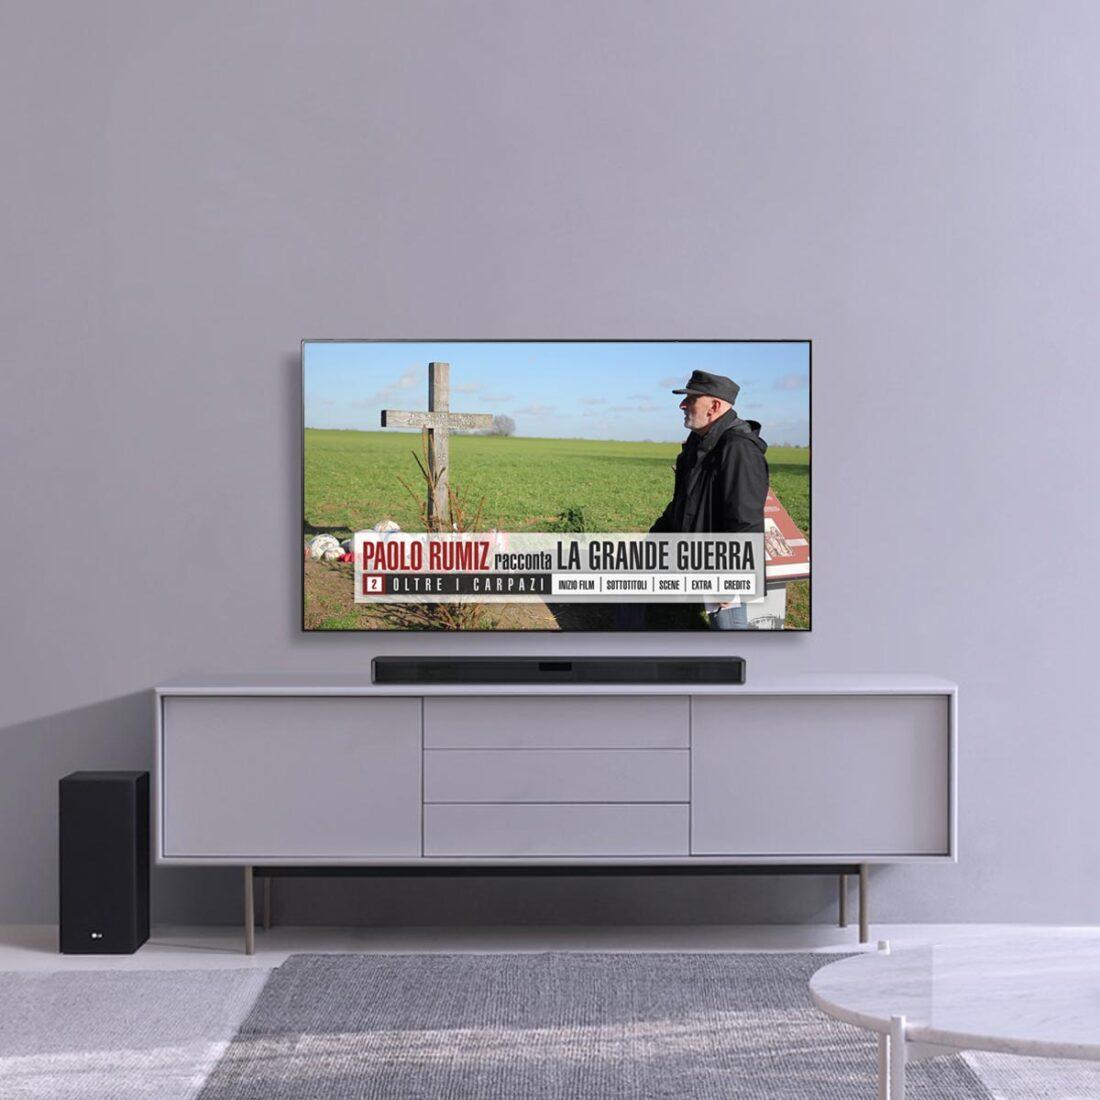 Salone grigio e schermo TV con il menu principale del secondo DVD della collana Paolo Rumiz racconta la Grande Guerra